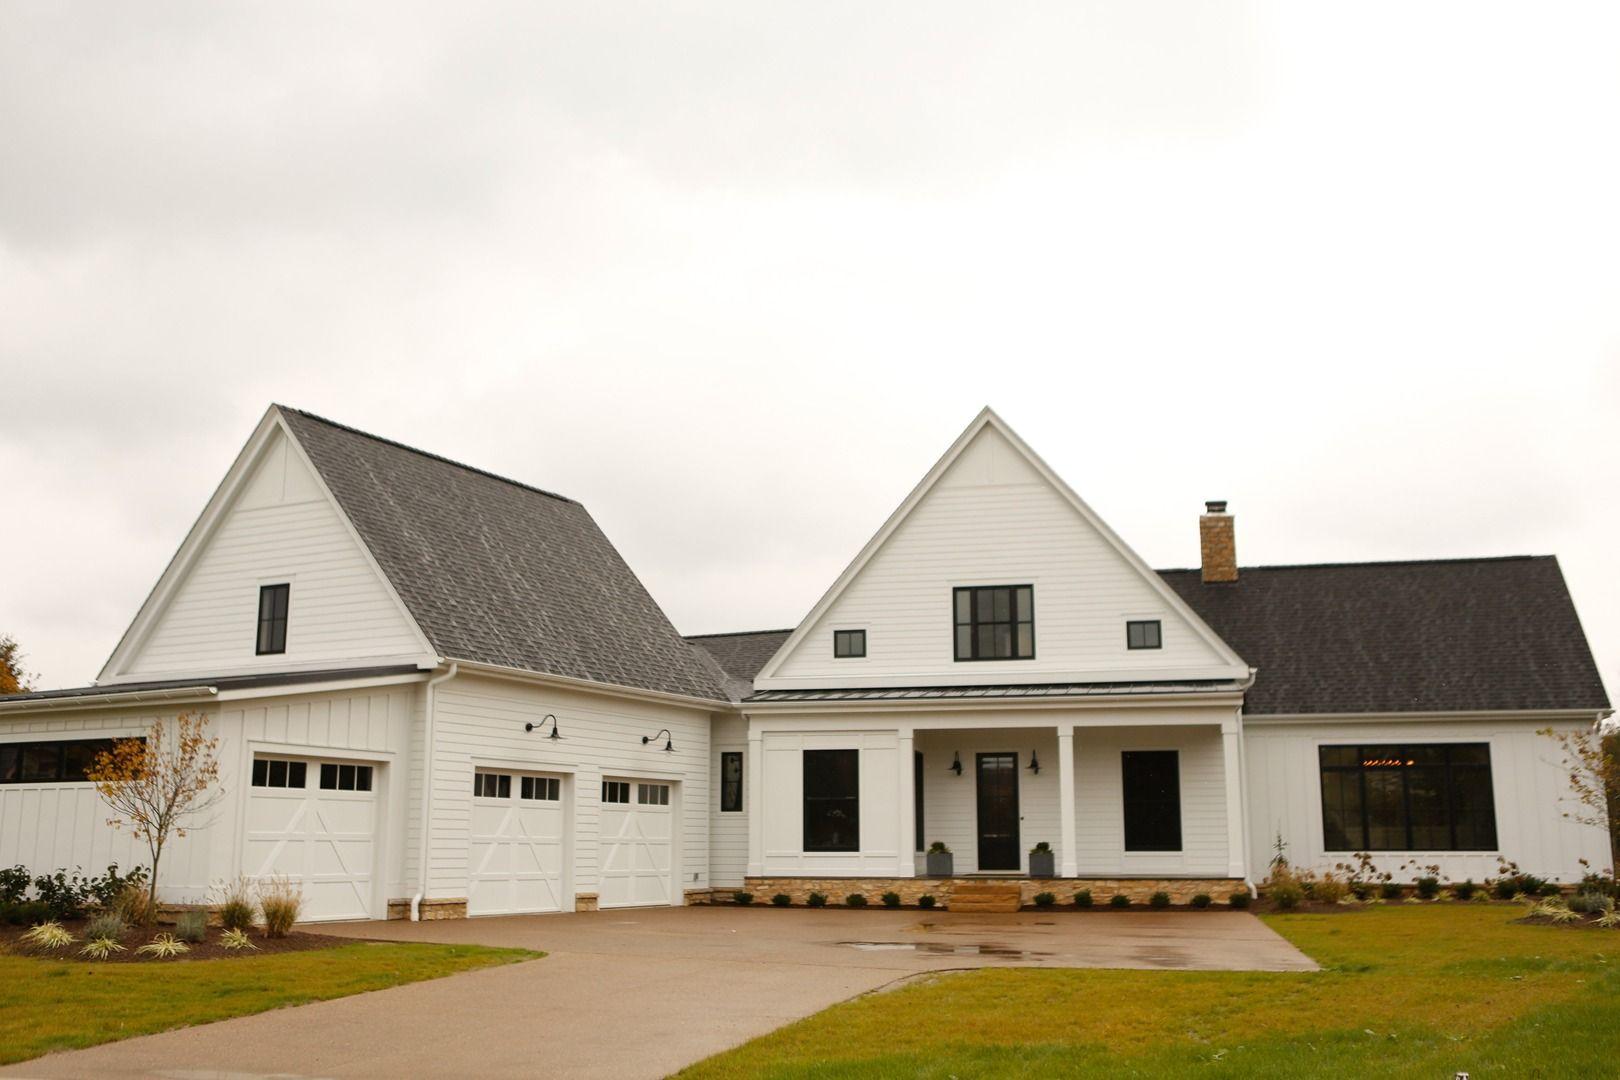 Custom Home Builders, Home Improvement Contractors - Hahn Builders ...